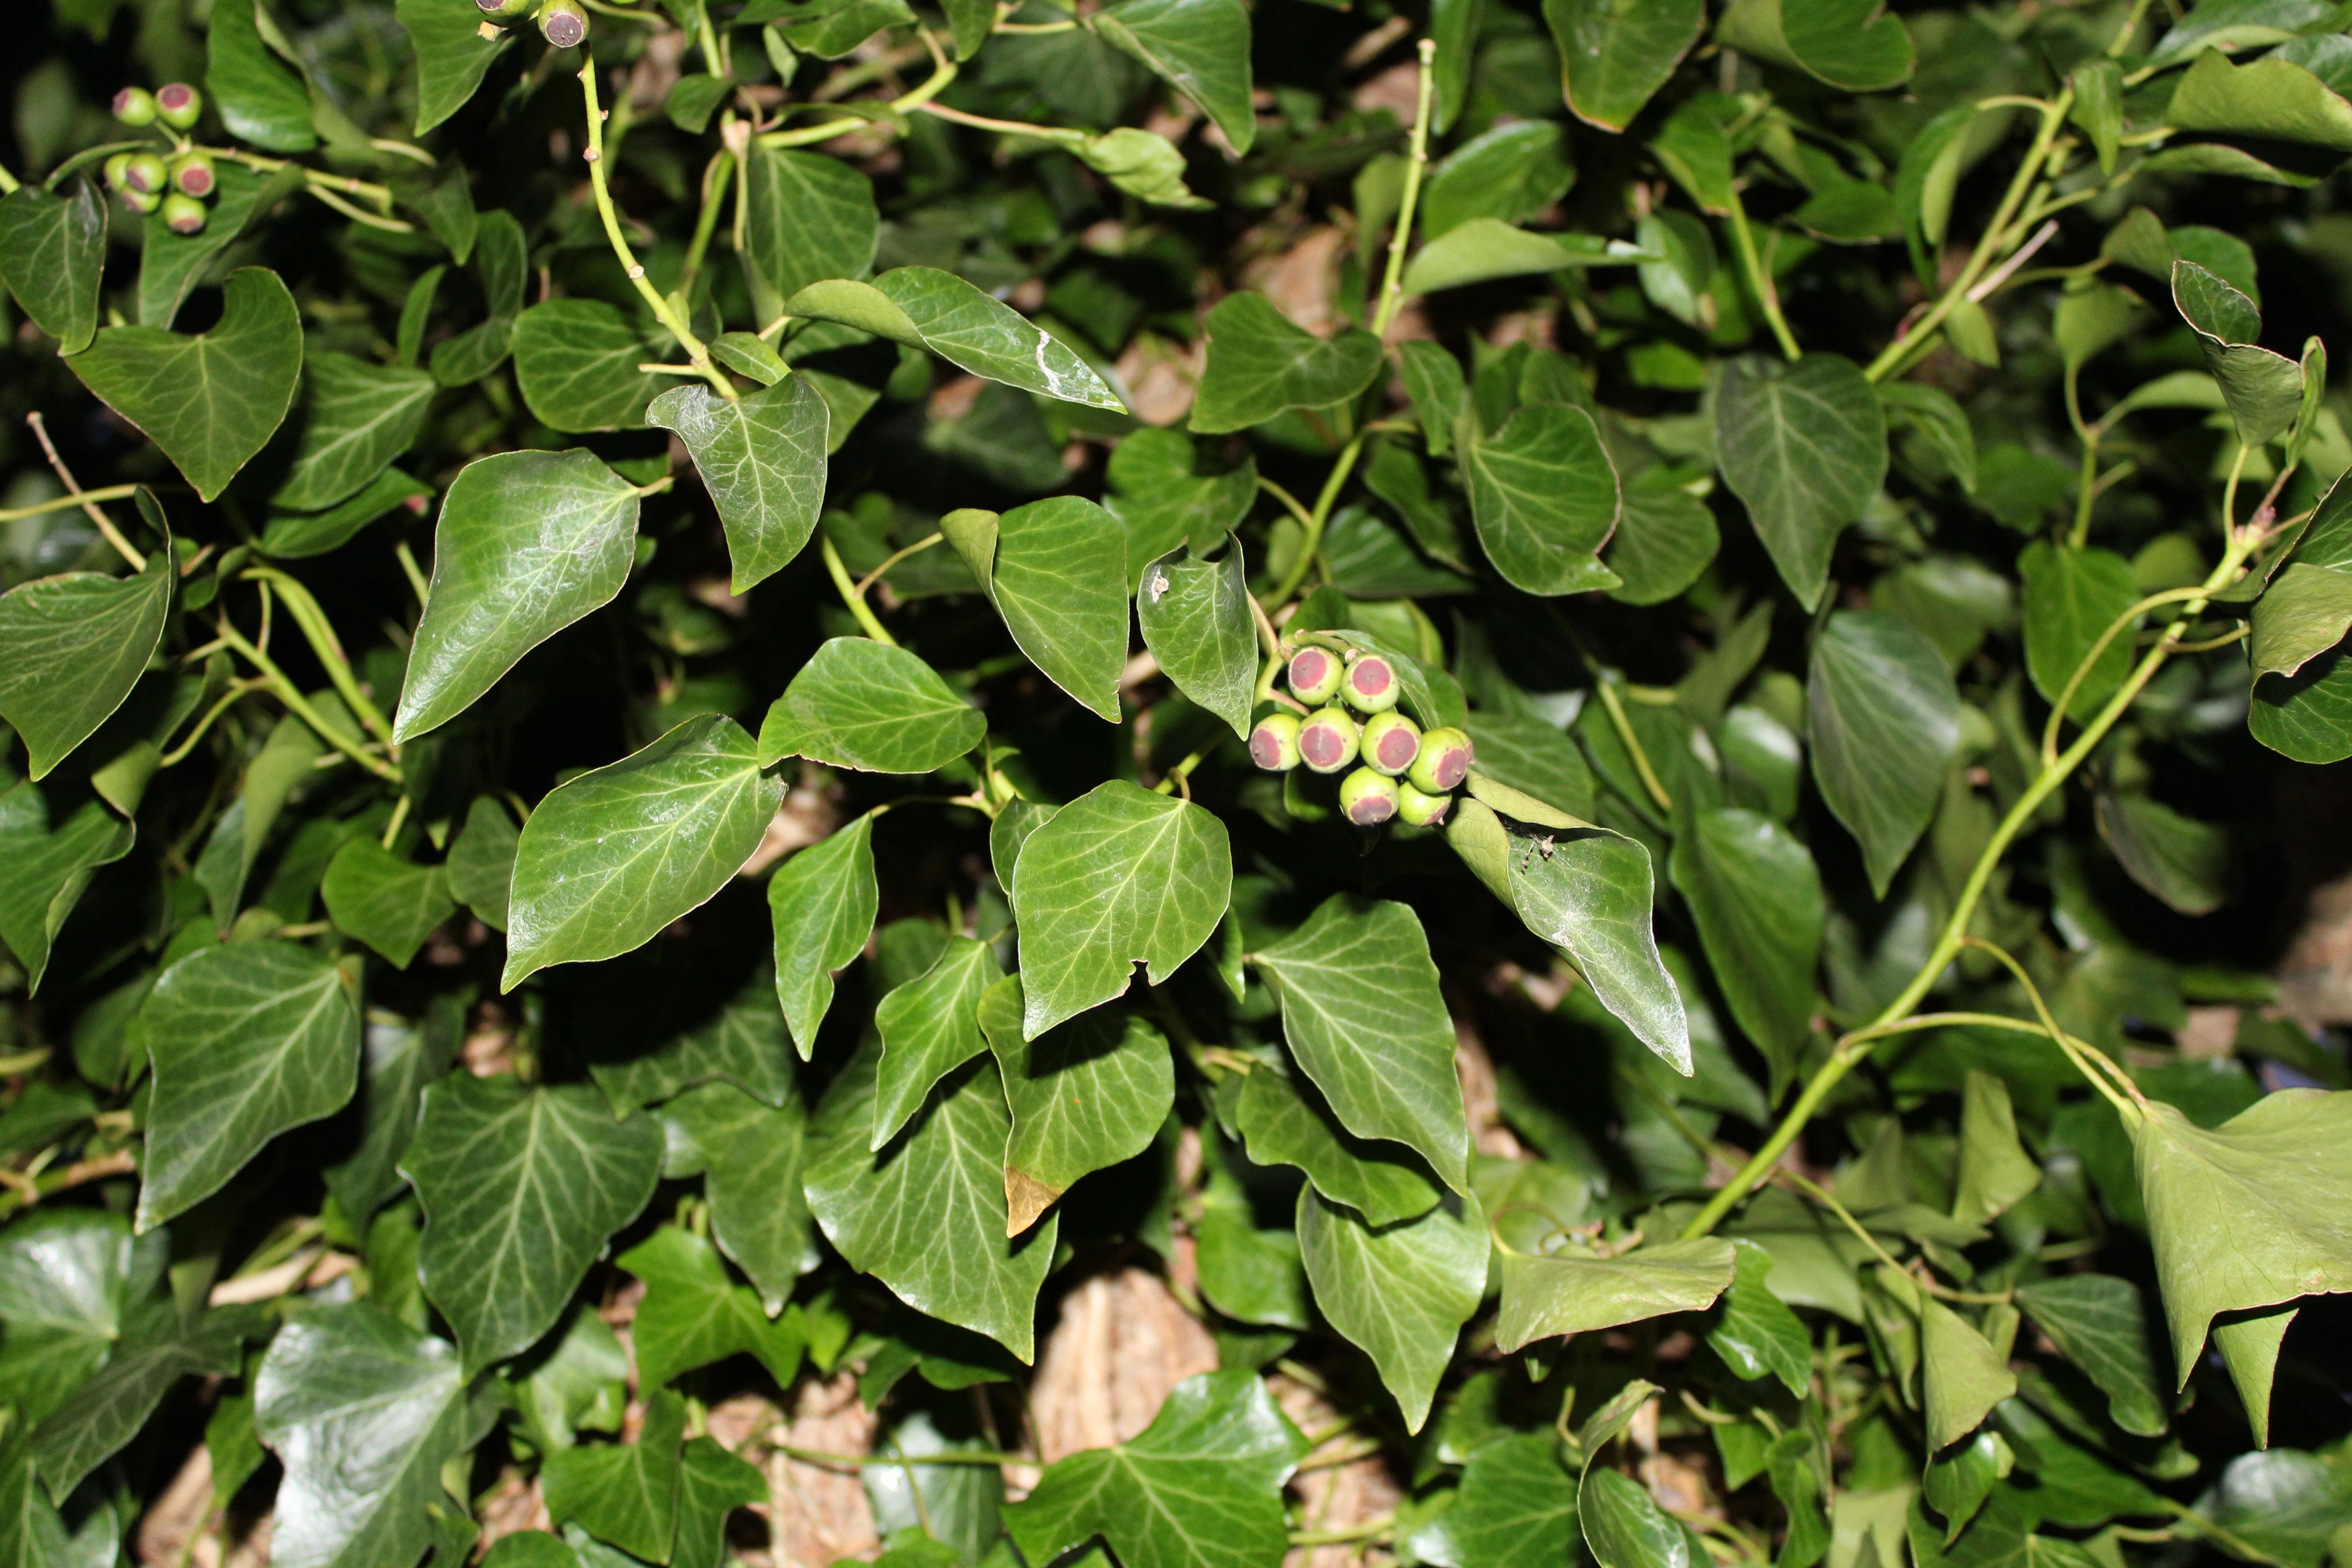 Gewaltig Grüne Pflanzen Beste Wahl Natur Pflanze Frucht Blatt Blume Lebensmittel Grün